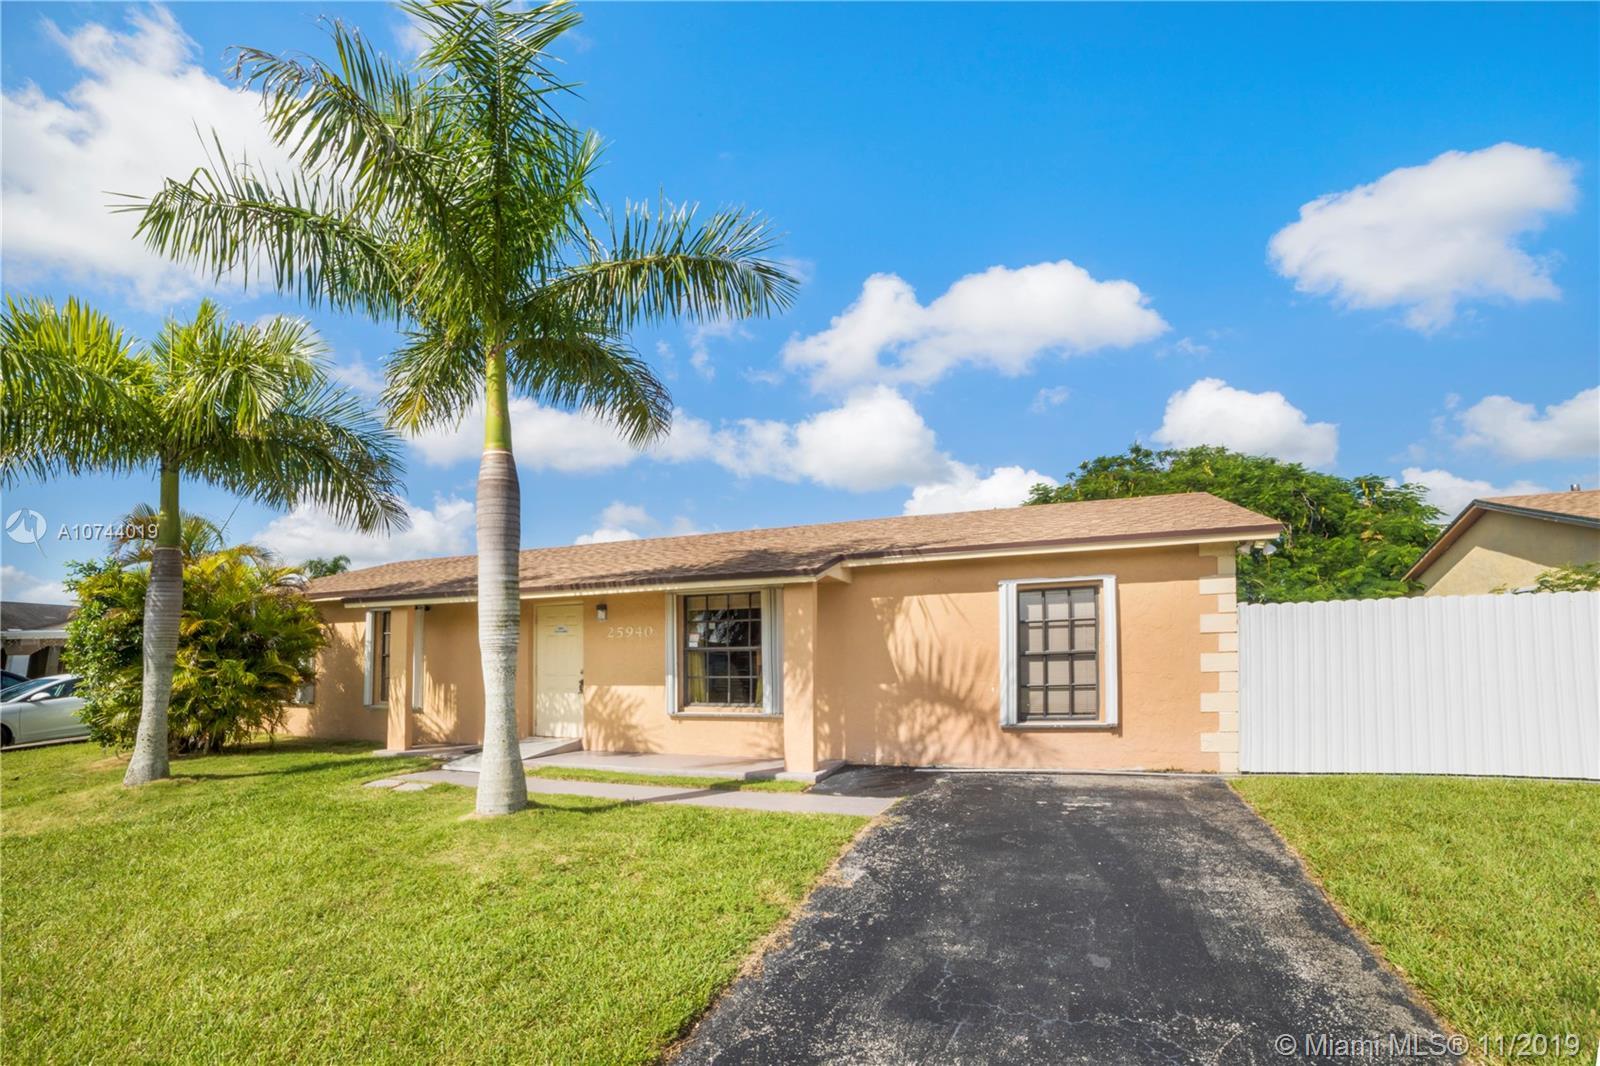 25940 SW 132nd Pl, Homestead, FL 33032 - Homestead, FL real estate listing